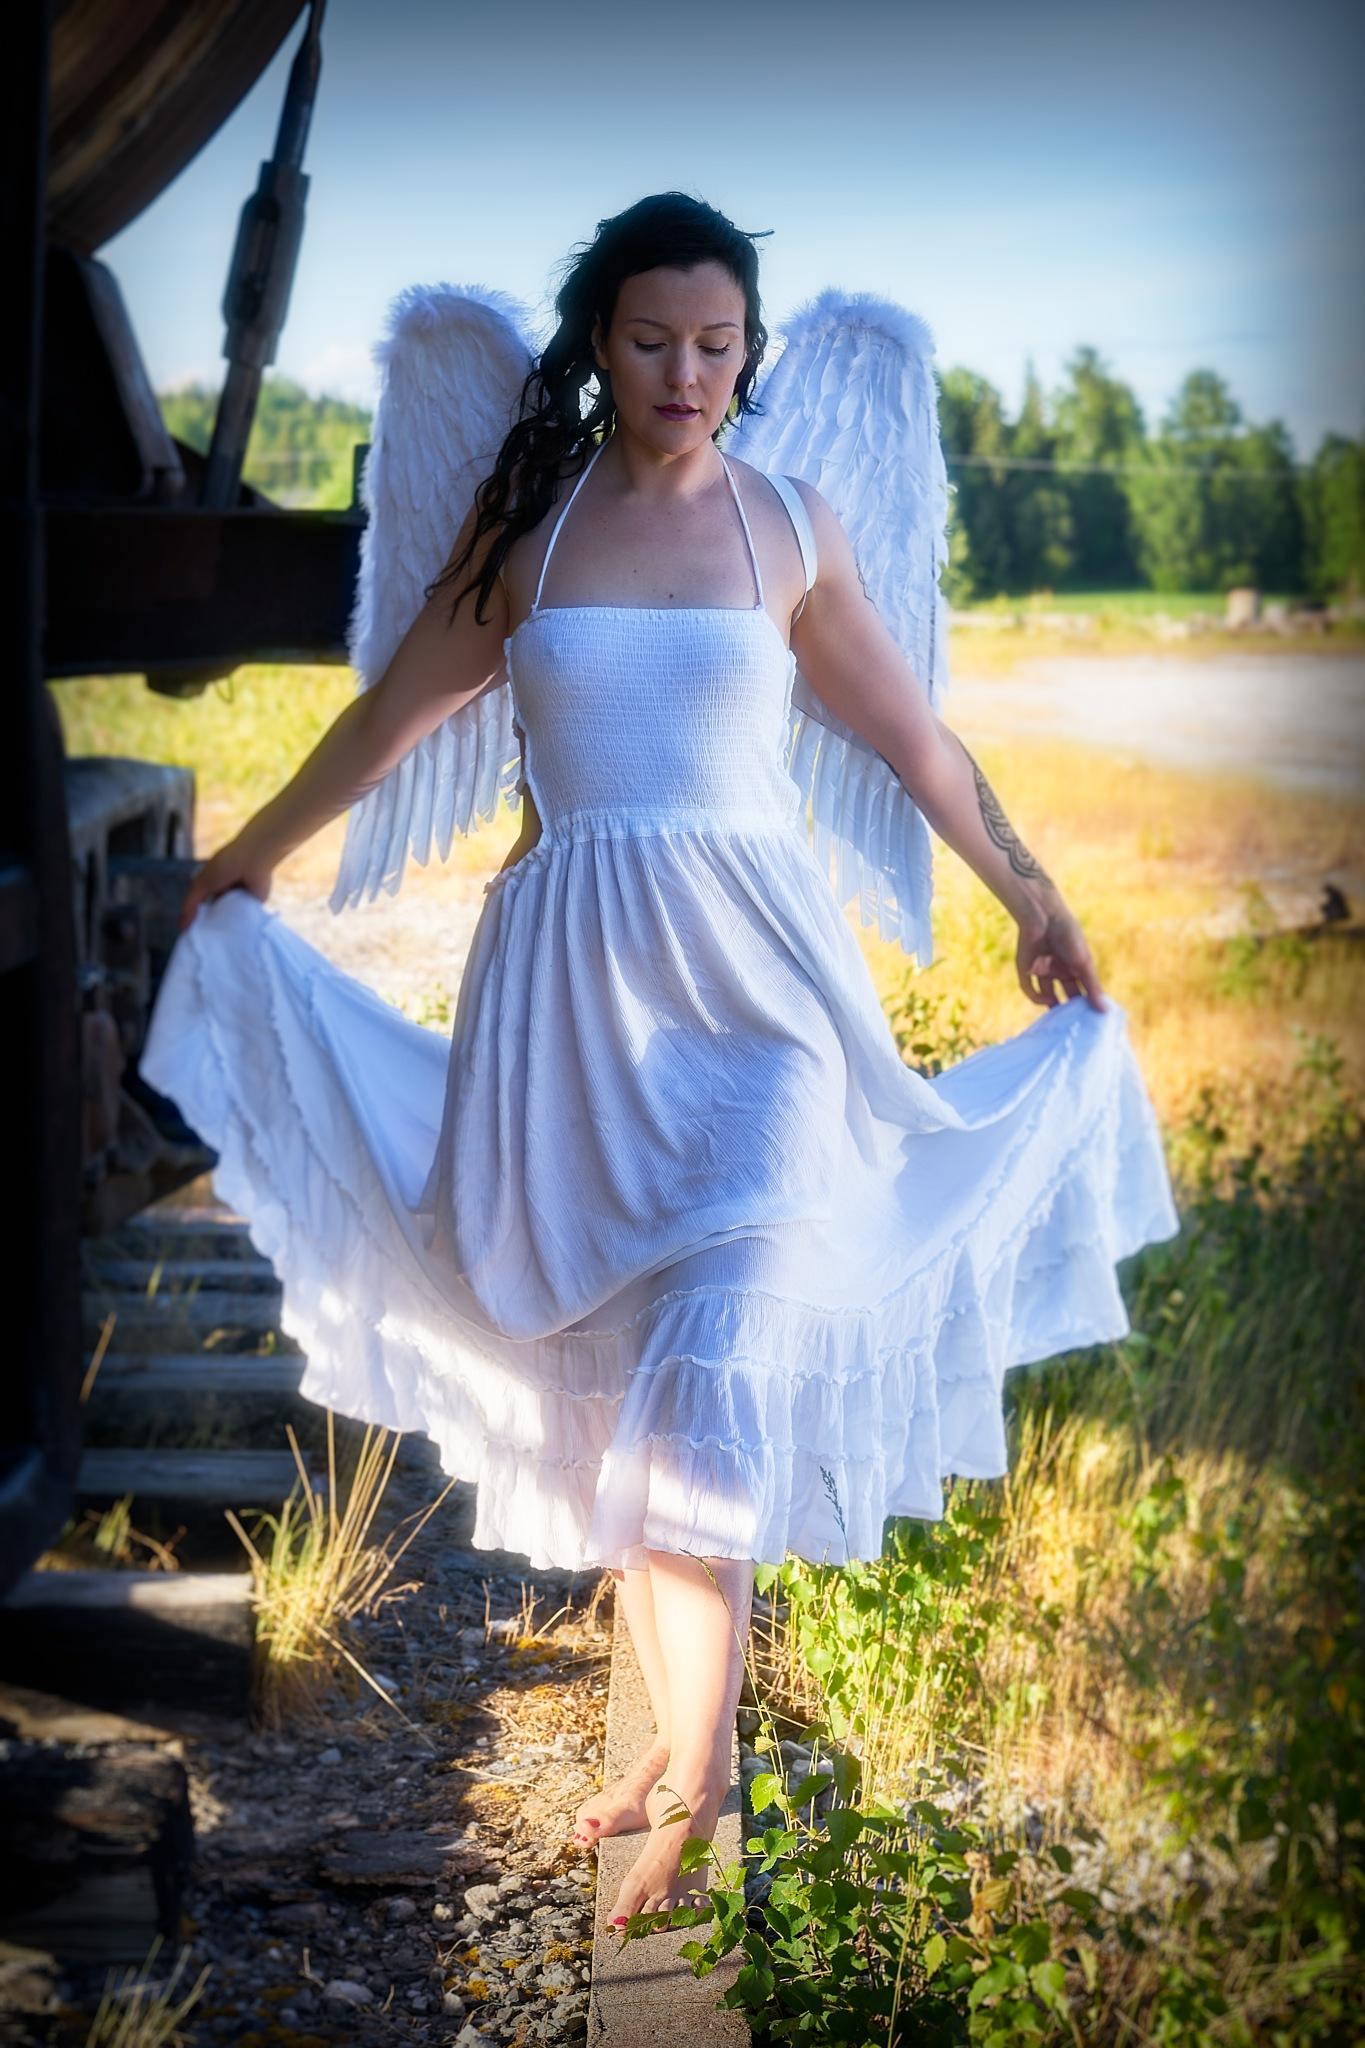 Angel walk by Petteri